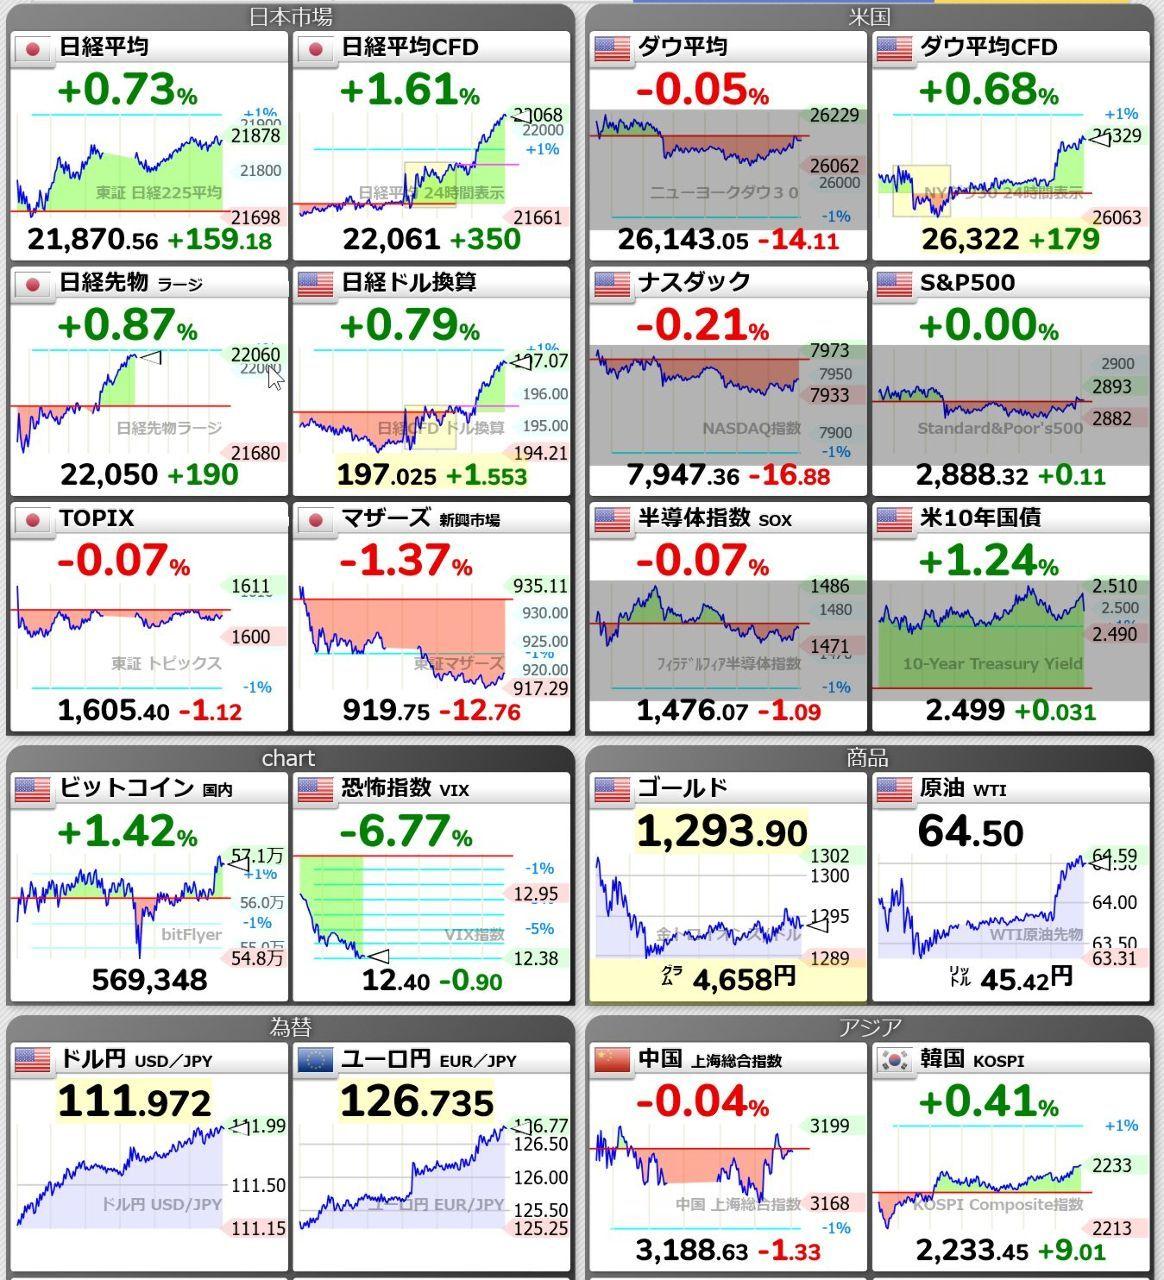 3197 - (株)すかいらーくホールディングス 今夜は日経CFDも22,000円超えの勢いで、このまま行けば月曜日も期待出来そう。